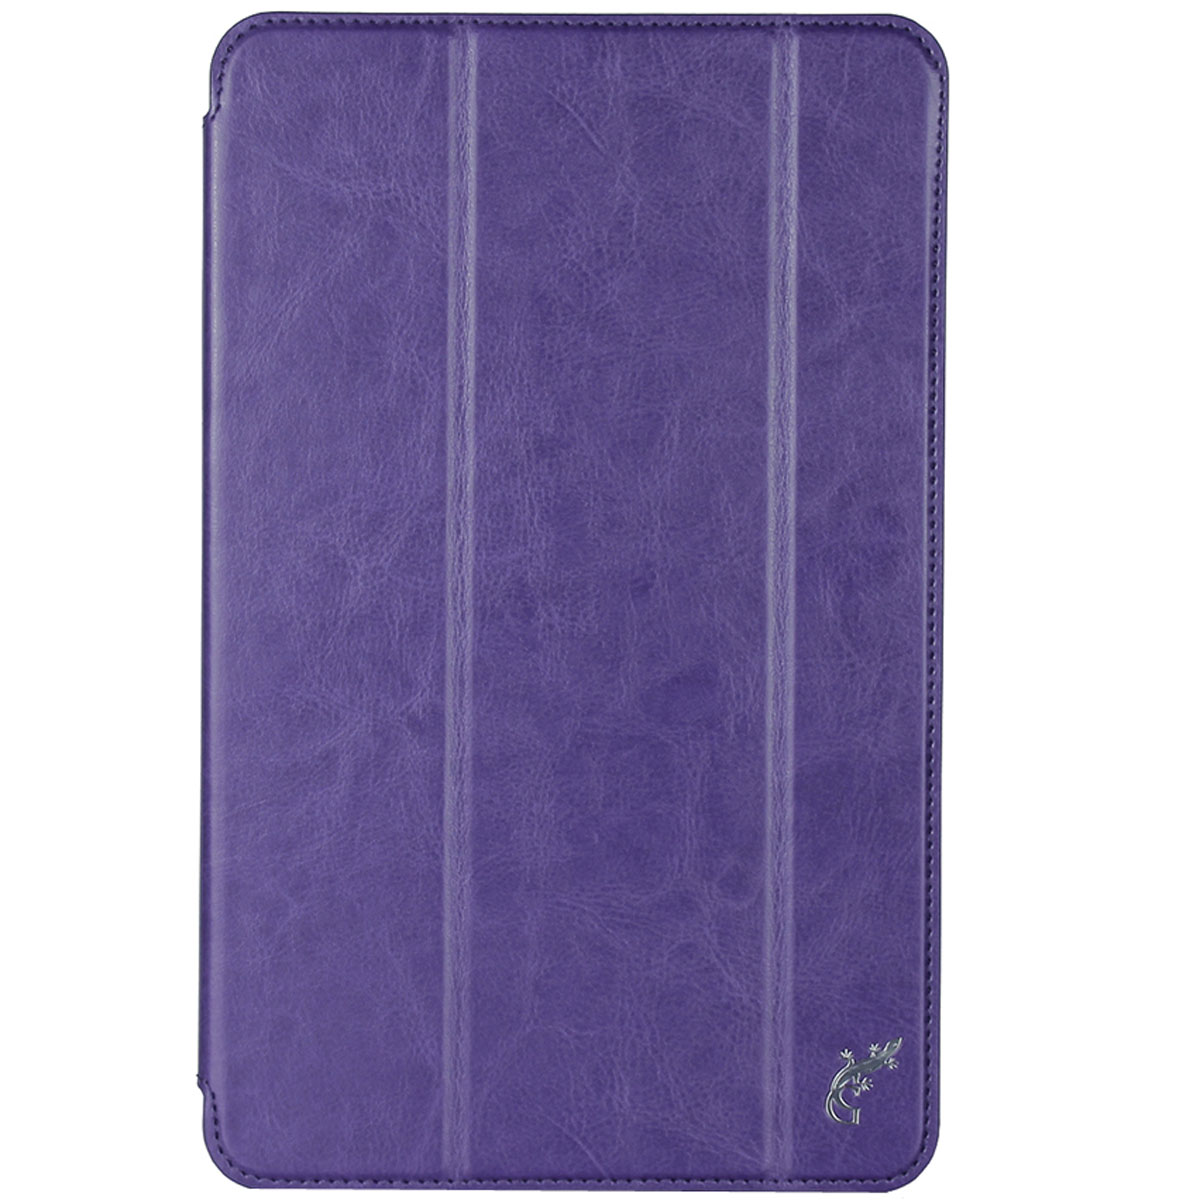 G-Case Slim Premium чехол для Samsung Galaxy Tab Е 9.6, PurpleGG-639Защитный чехол G-Case Slim Premium для планшета Samsung Galaxy Tab Е 9.6 отличается высокой степенью защиты от попадания влаги и пыли, а также падений и механических ударов. Среди конструктивных особенностей защитного чехла G-case можно отметить наличие двухпозиционной подставки, благодаря которой устройство можно установить в нескольких положениях для удобства пользования.